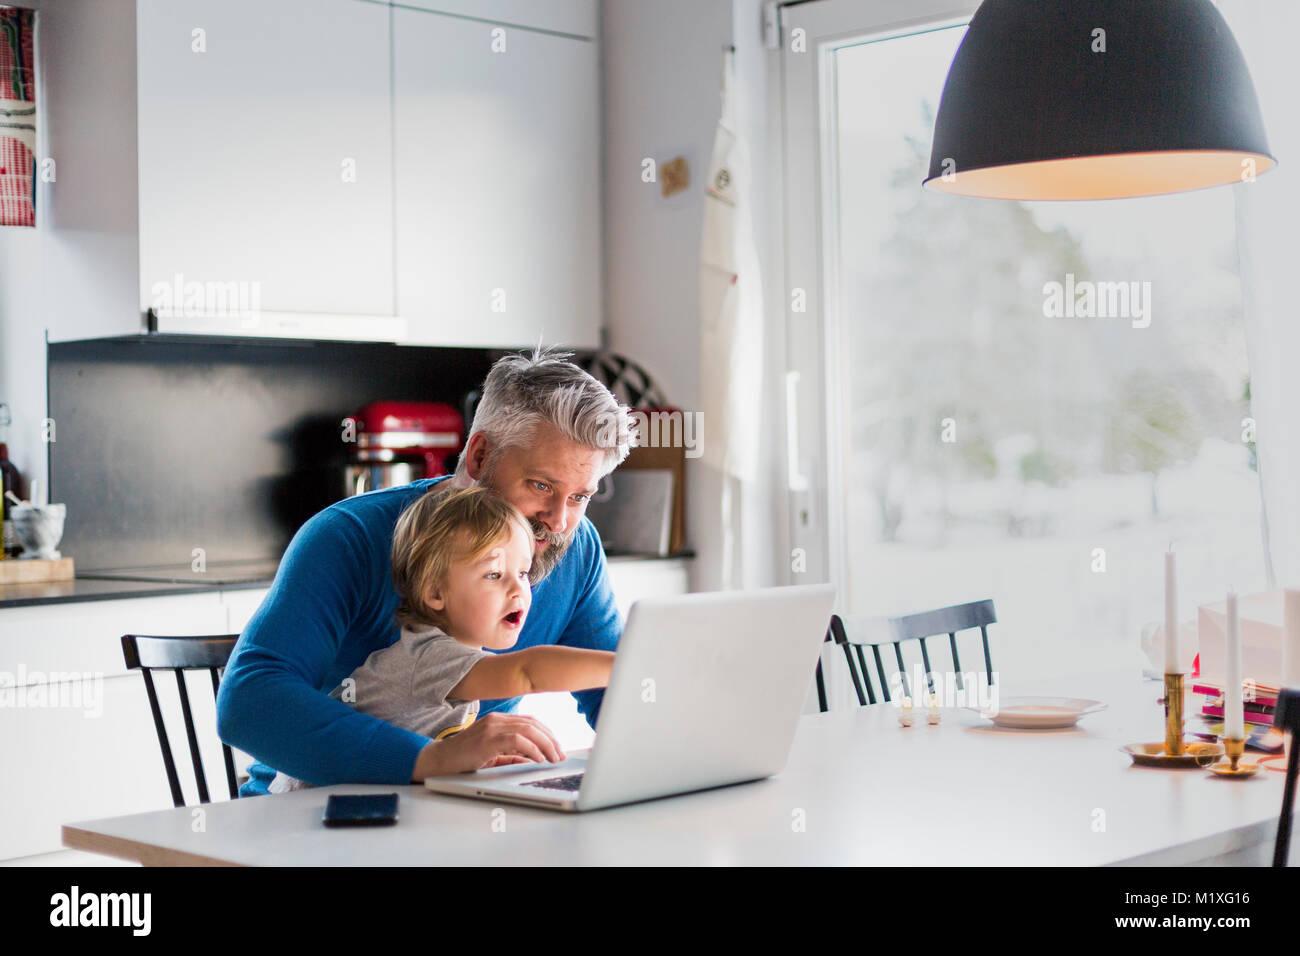 Uomo e bambino che gioca con il computer portatile in cucina Immagini Stock